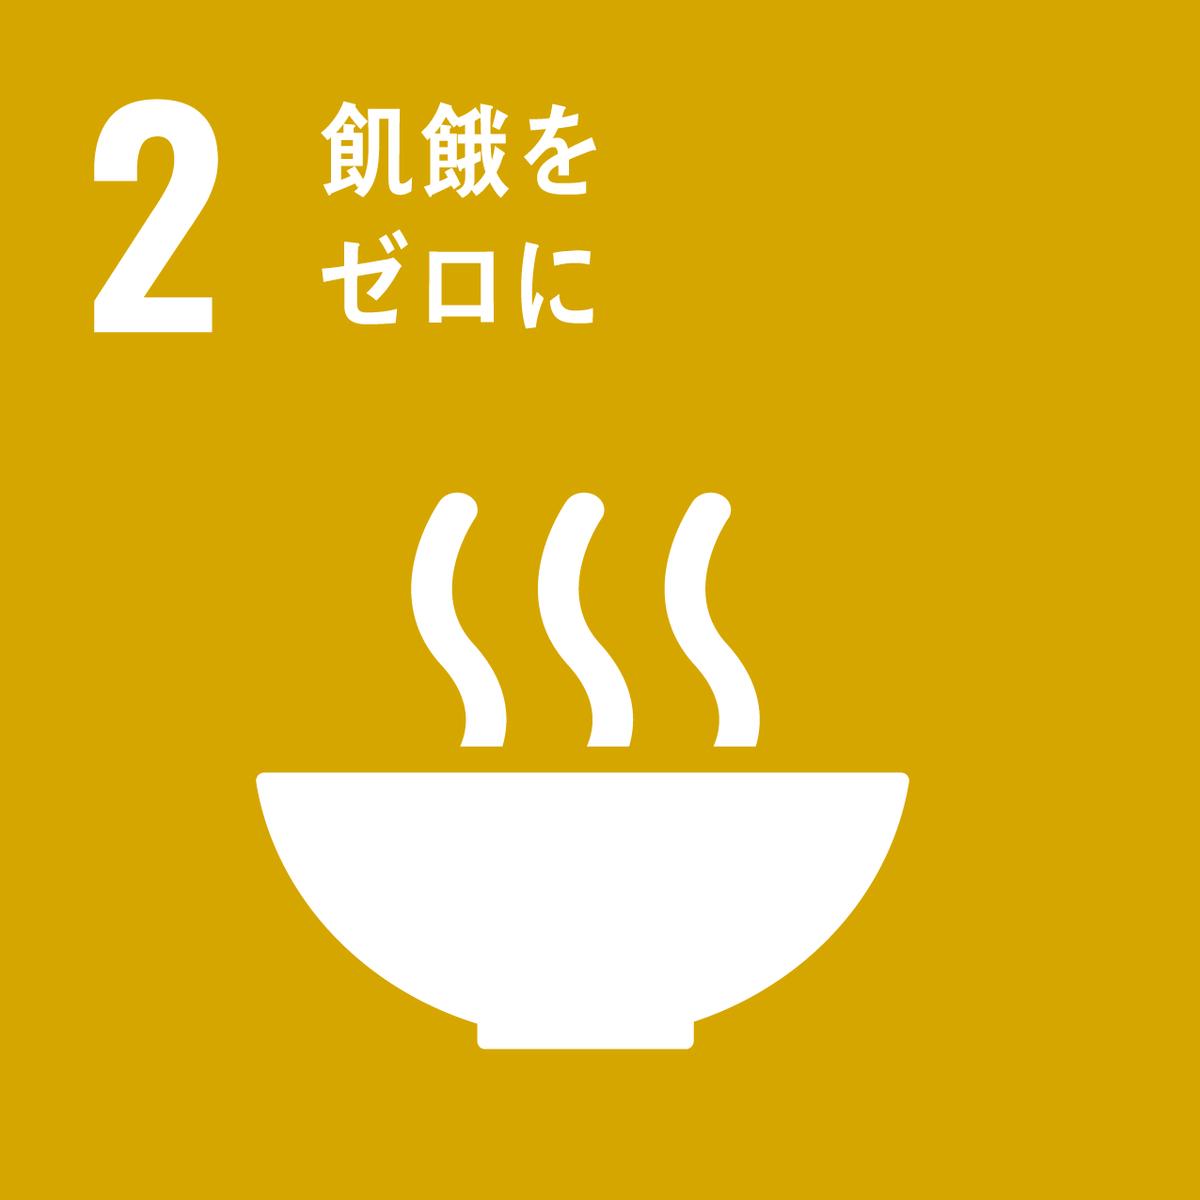 f:id:drymon-kanmiya:20210130132146p:plain